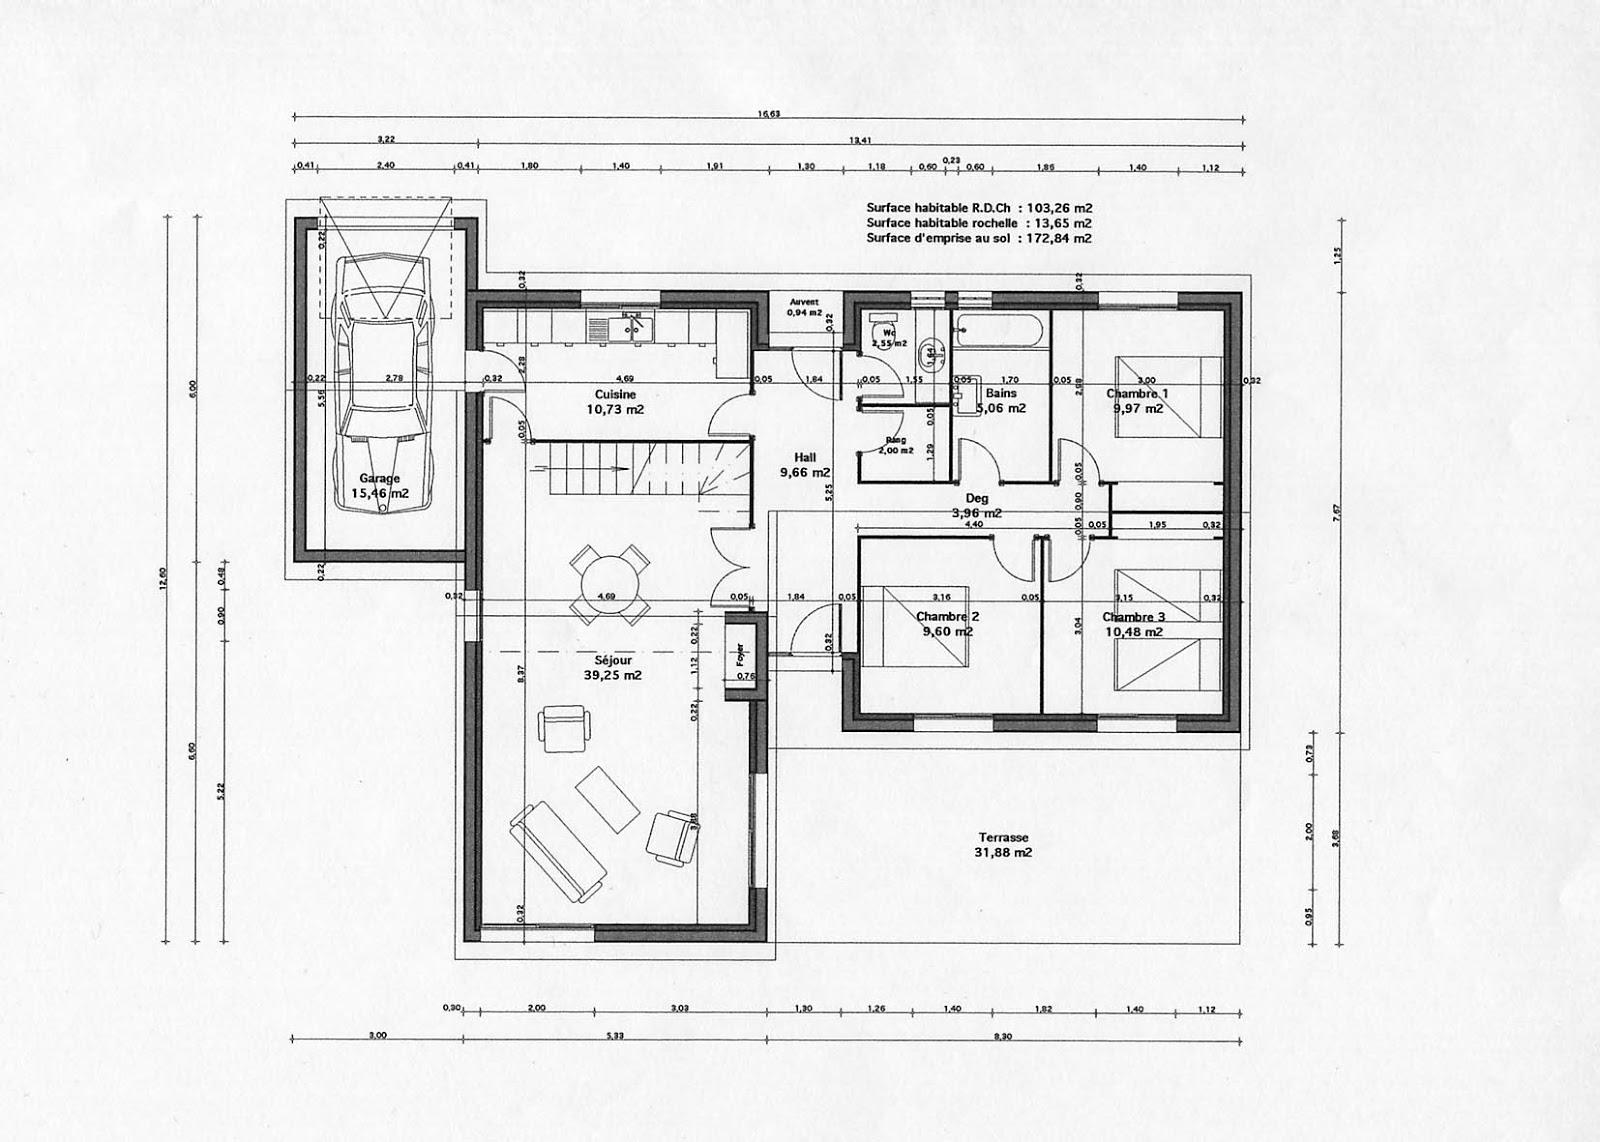 Les plans des villas modernes maison fran ois fabie for Les plans des villas modernes